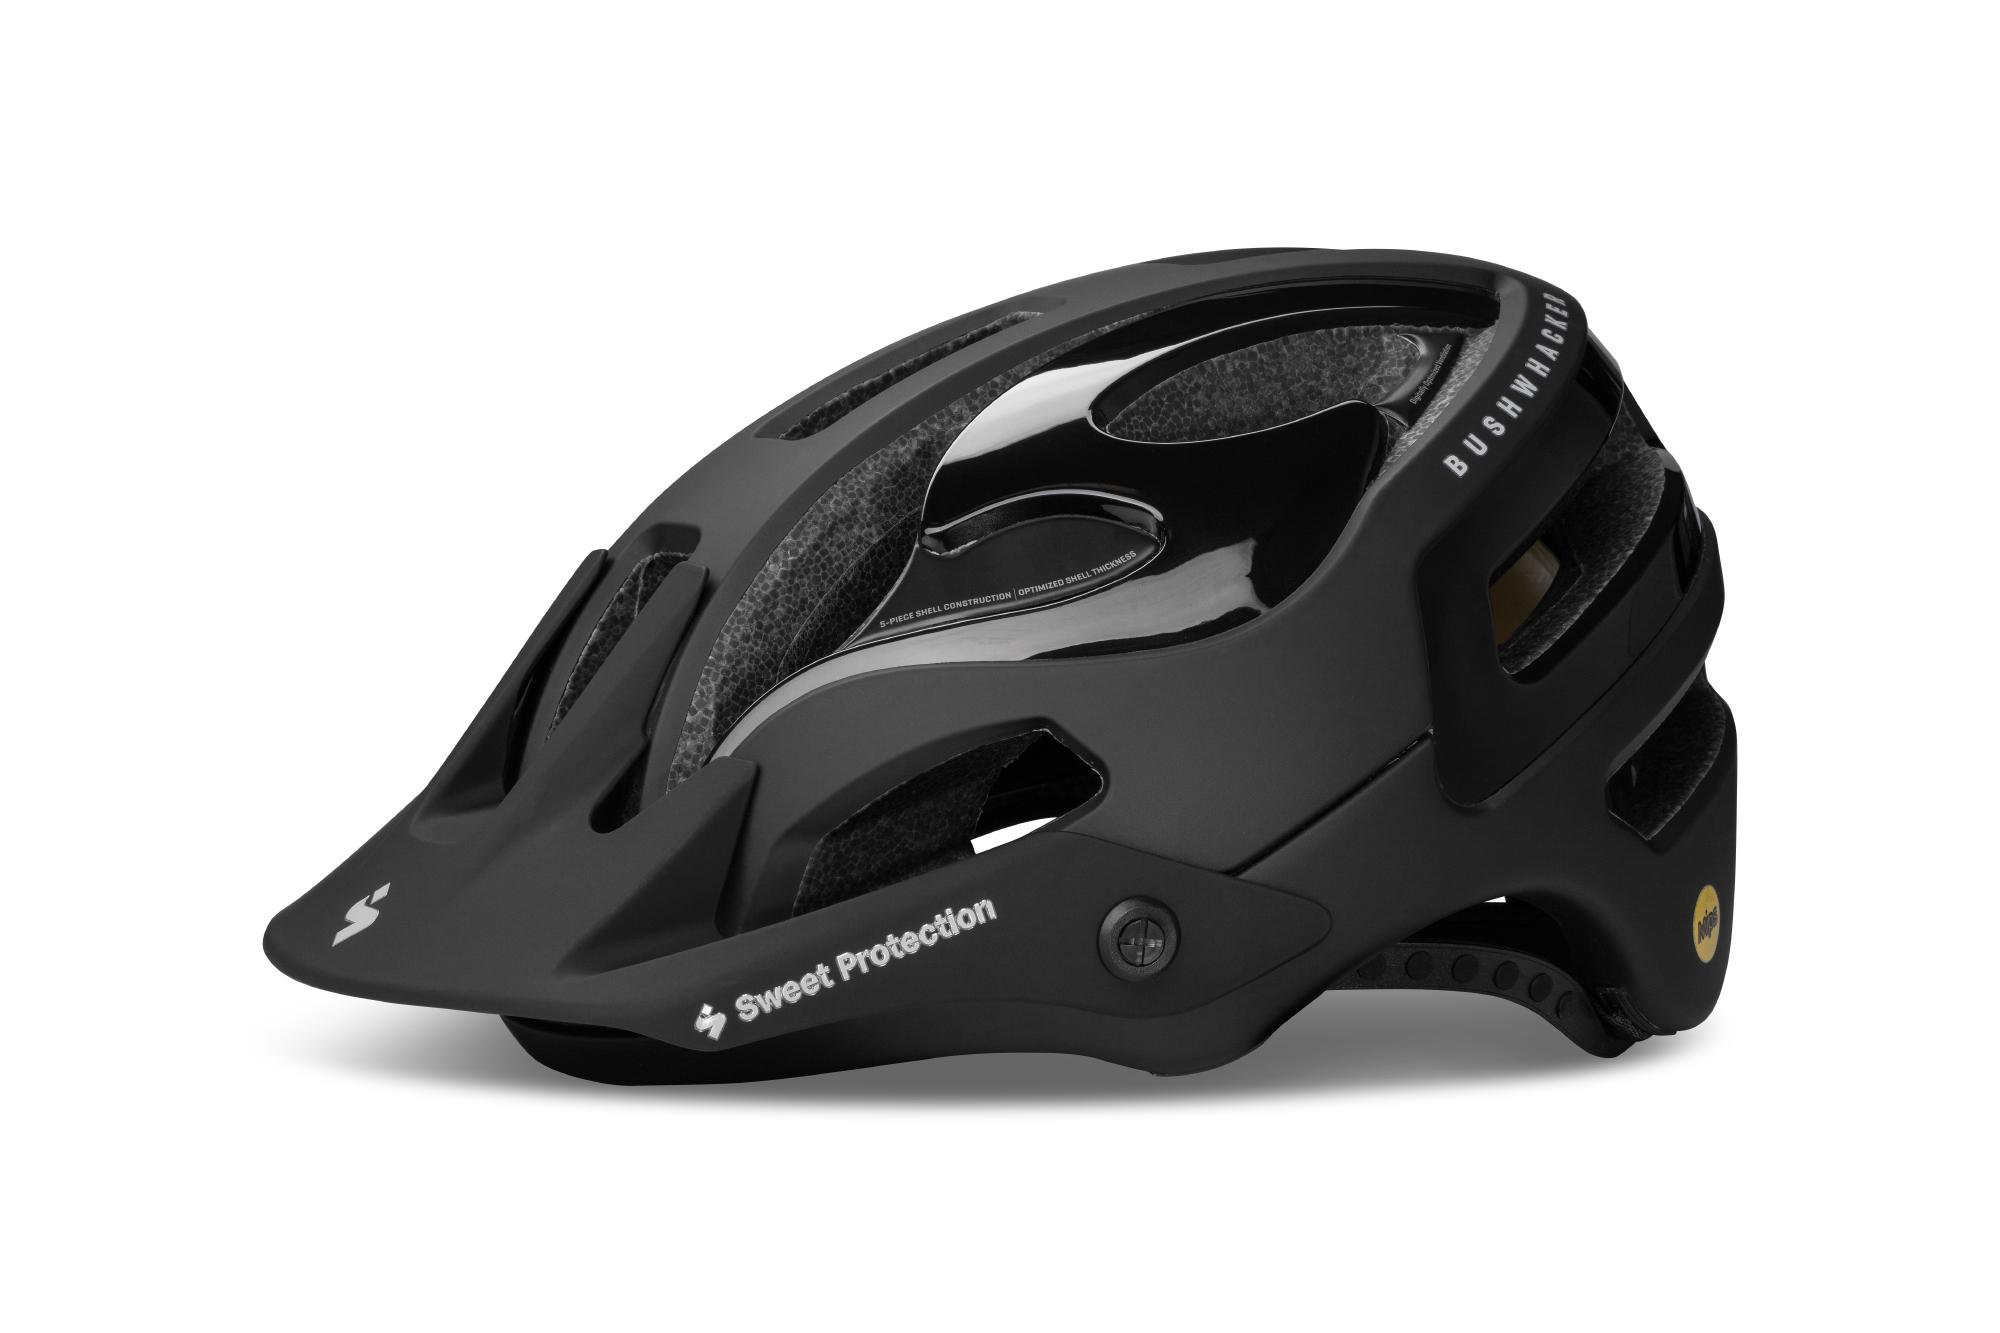 Sweet Protection Bushwhacker II MIPS - MTB hjelm - Matsort | Helmets